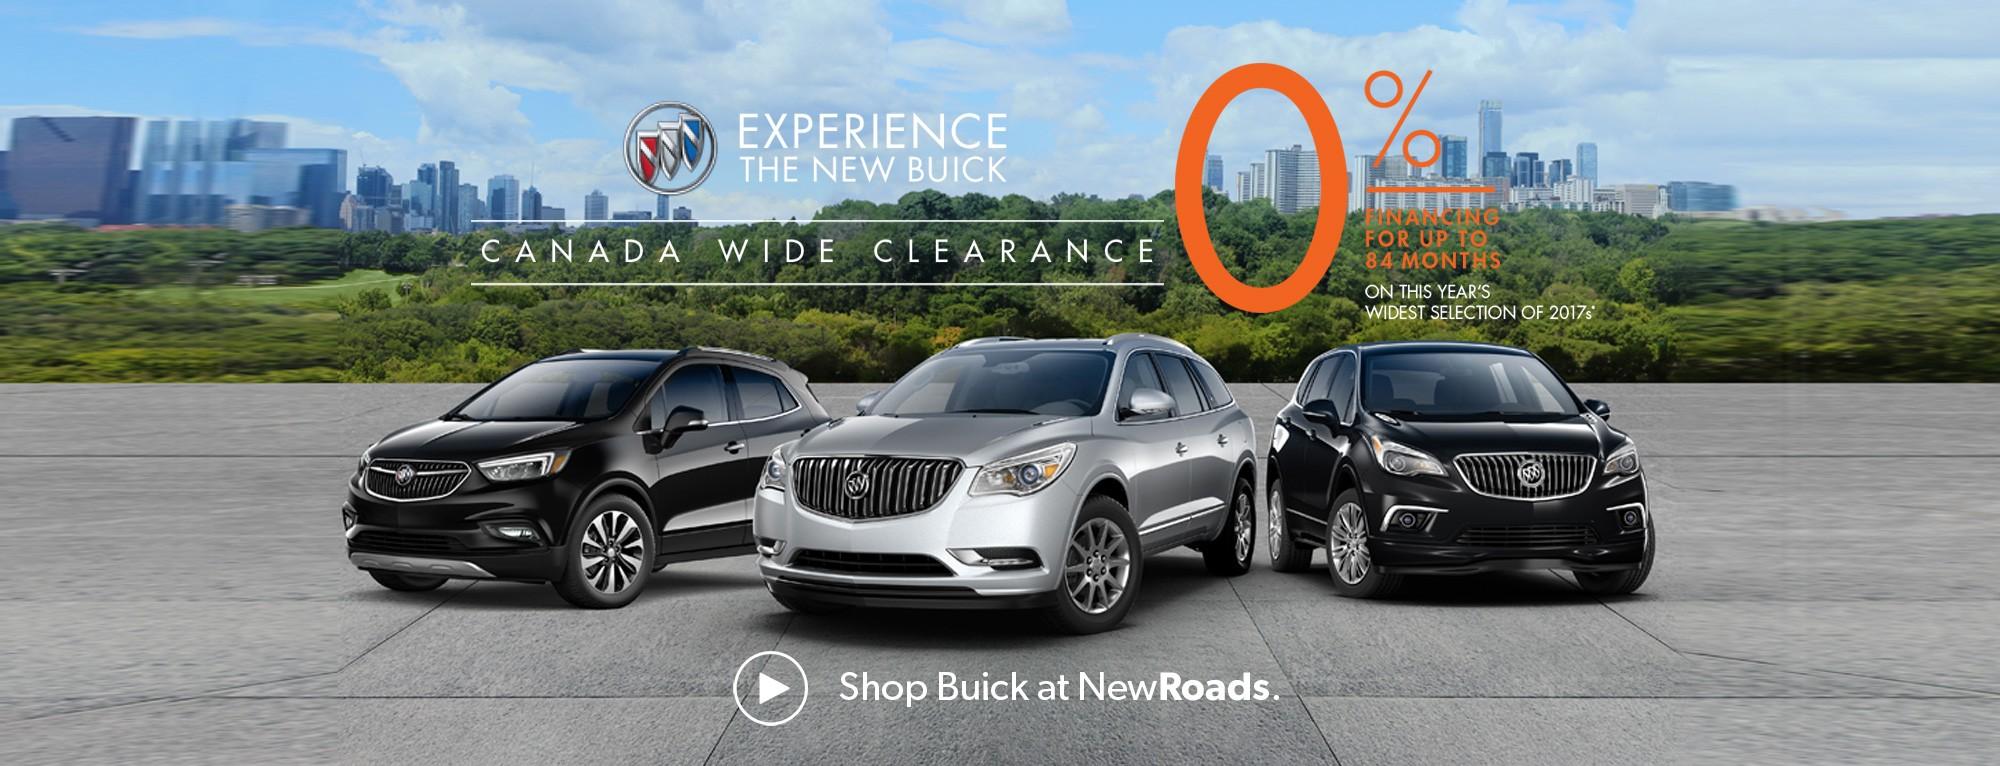 Buick Specials Newmarket